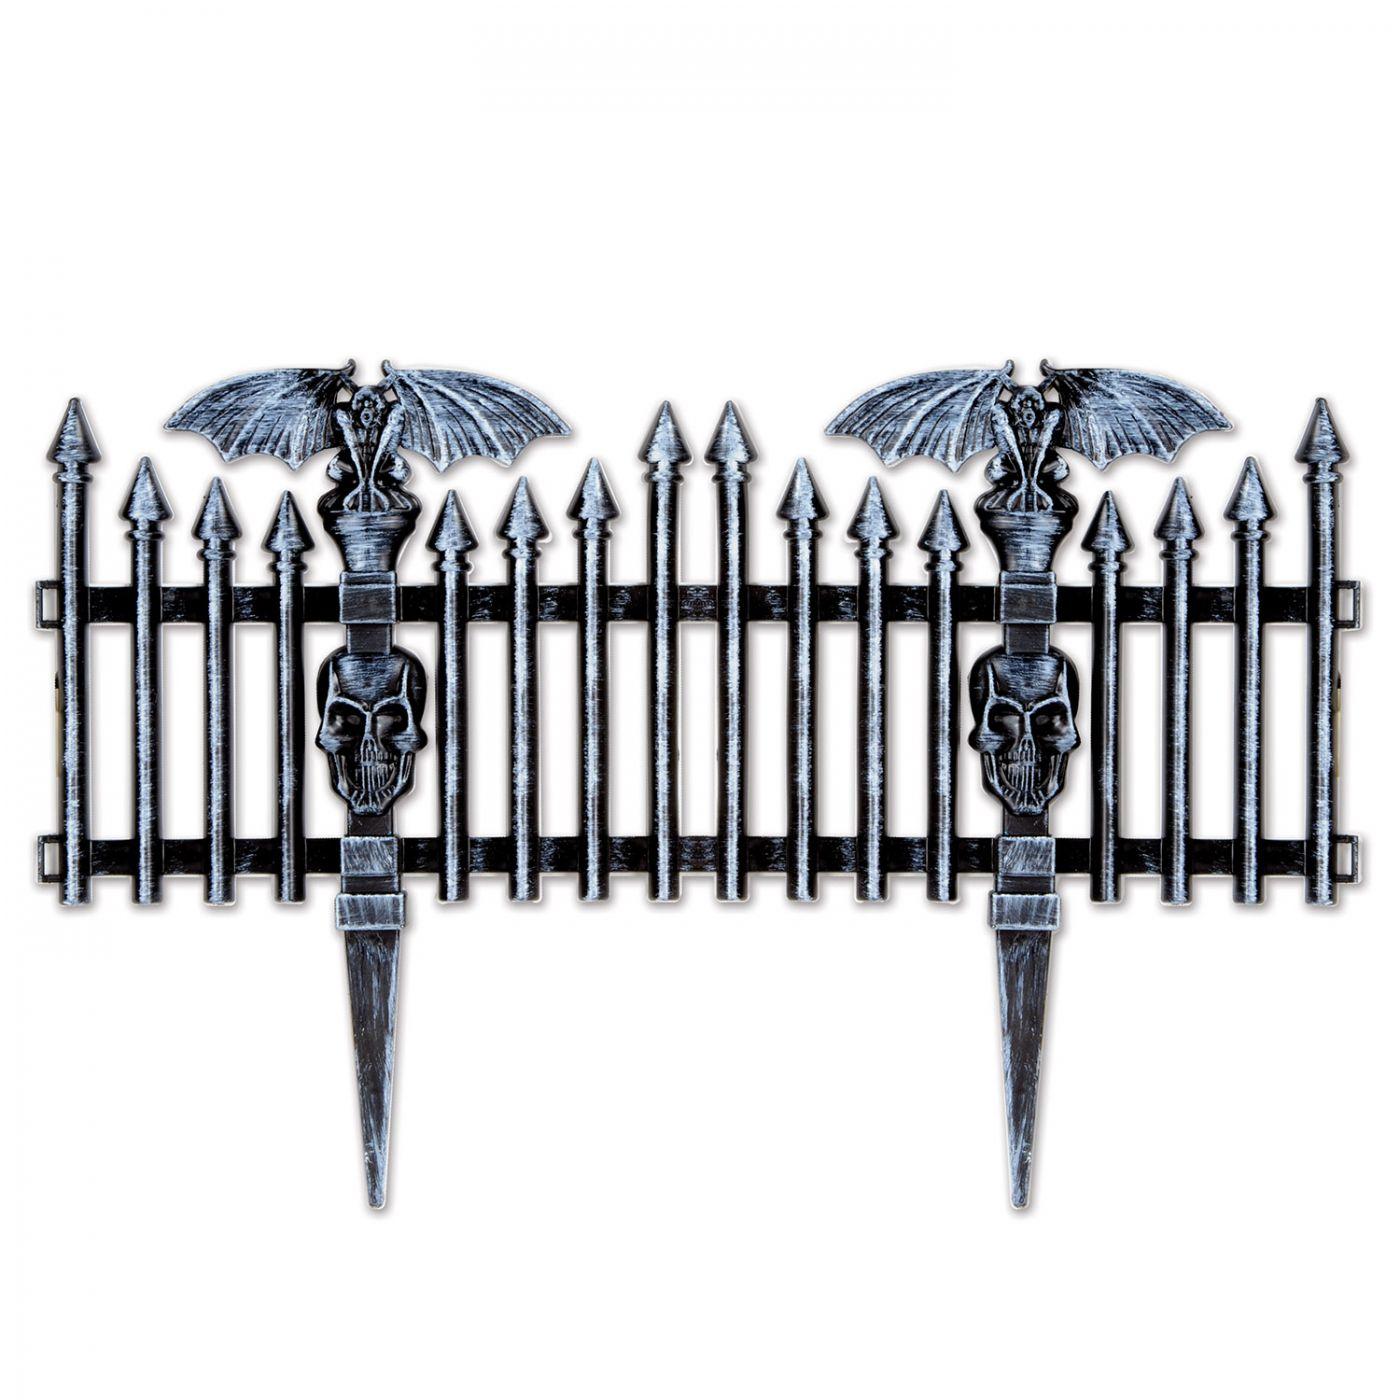 Plastic Gothic Fence (6) image